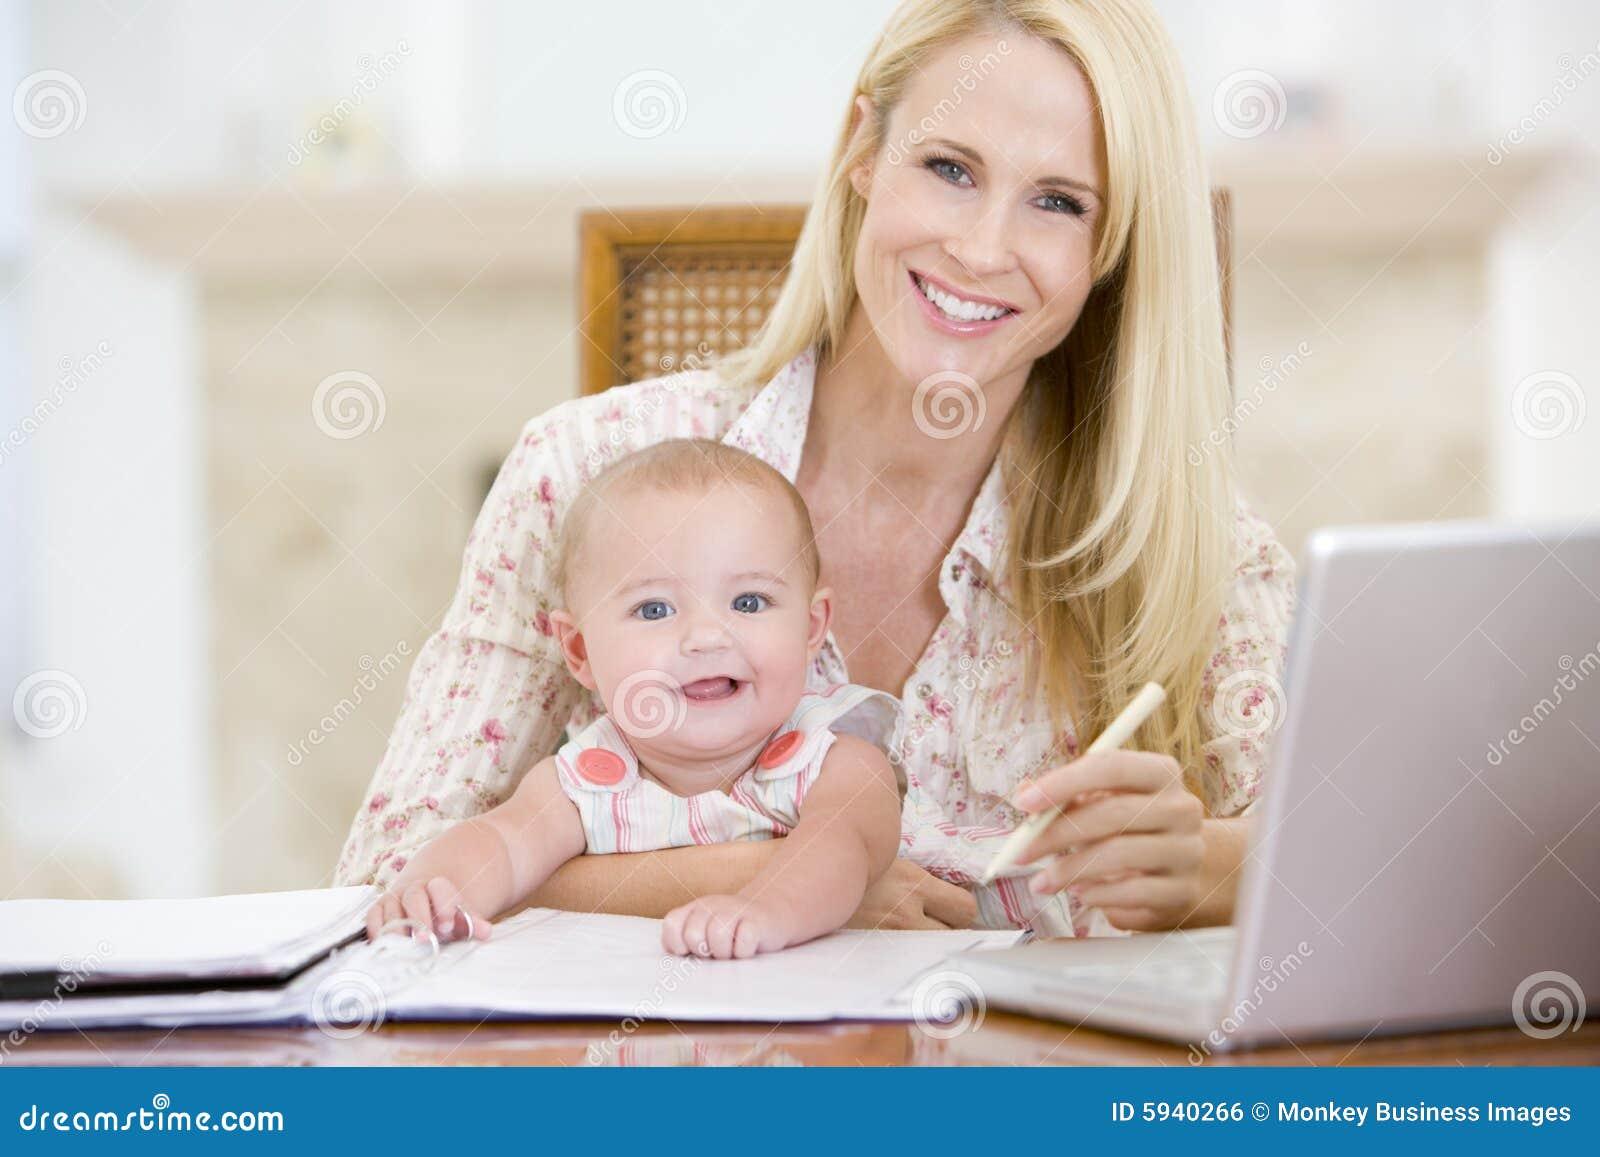 Moeder en baby in eetkamer met laptop